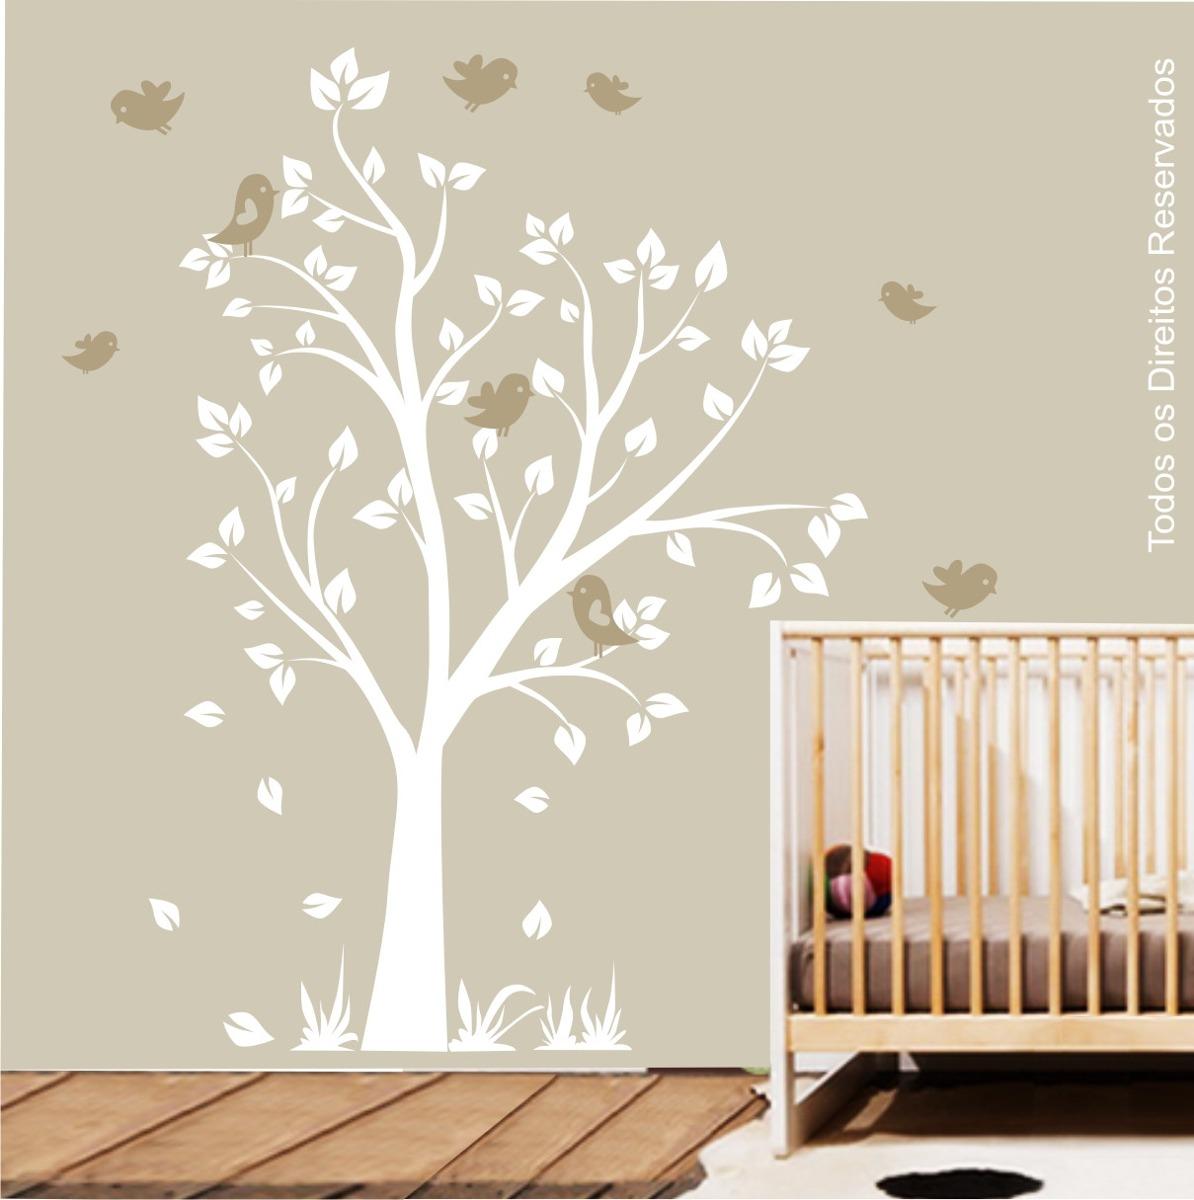 Adesivo Quarto Infantil Arvore ~ Adesivo Quarto Infantil Passarinhos Safari Arvore Zoo M93